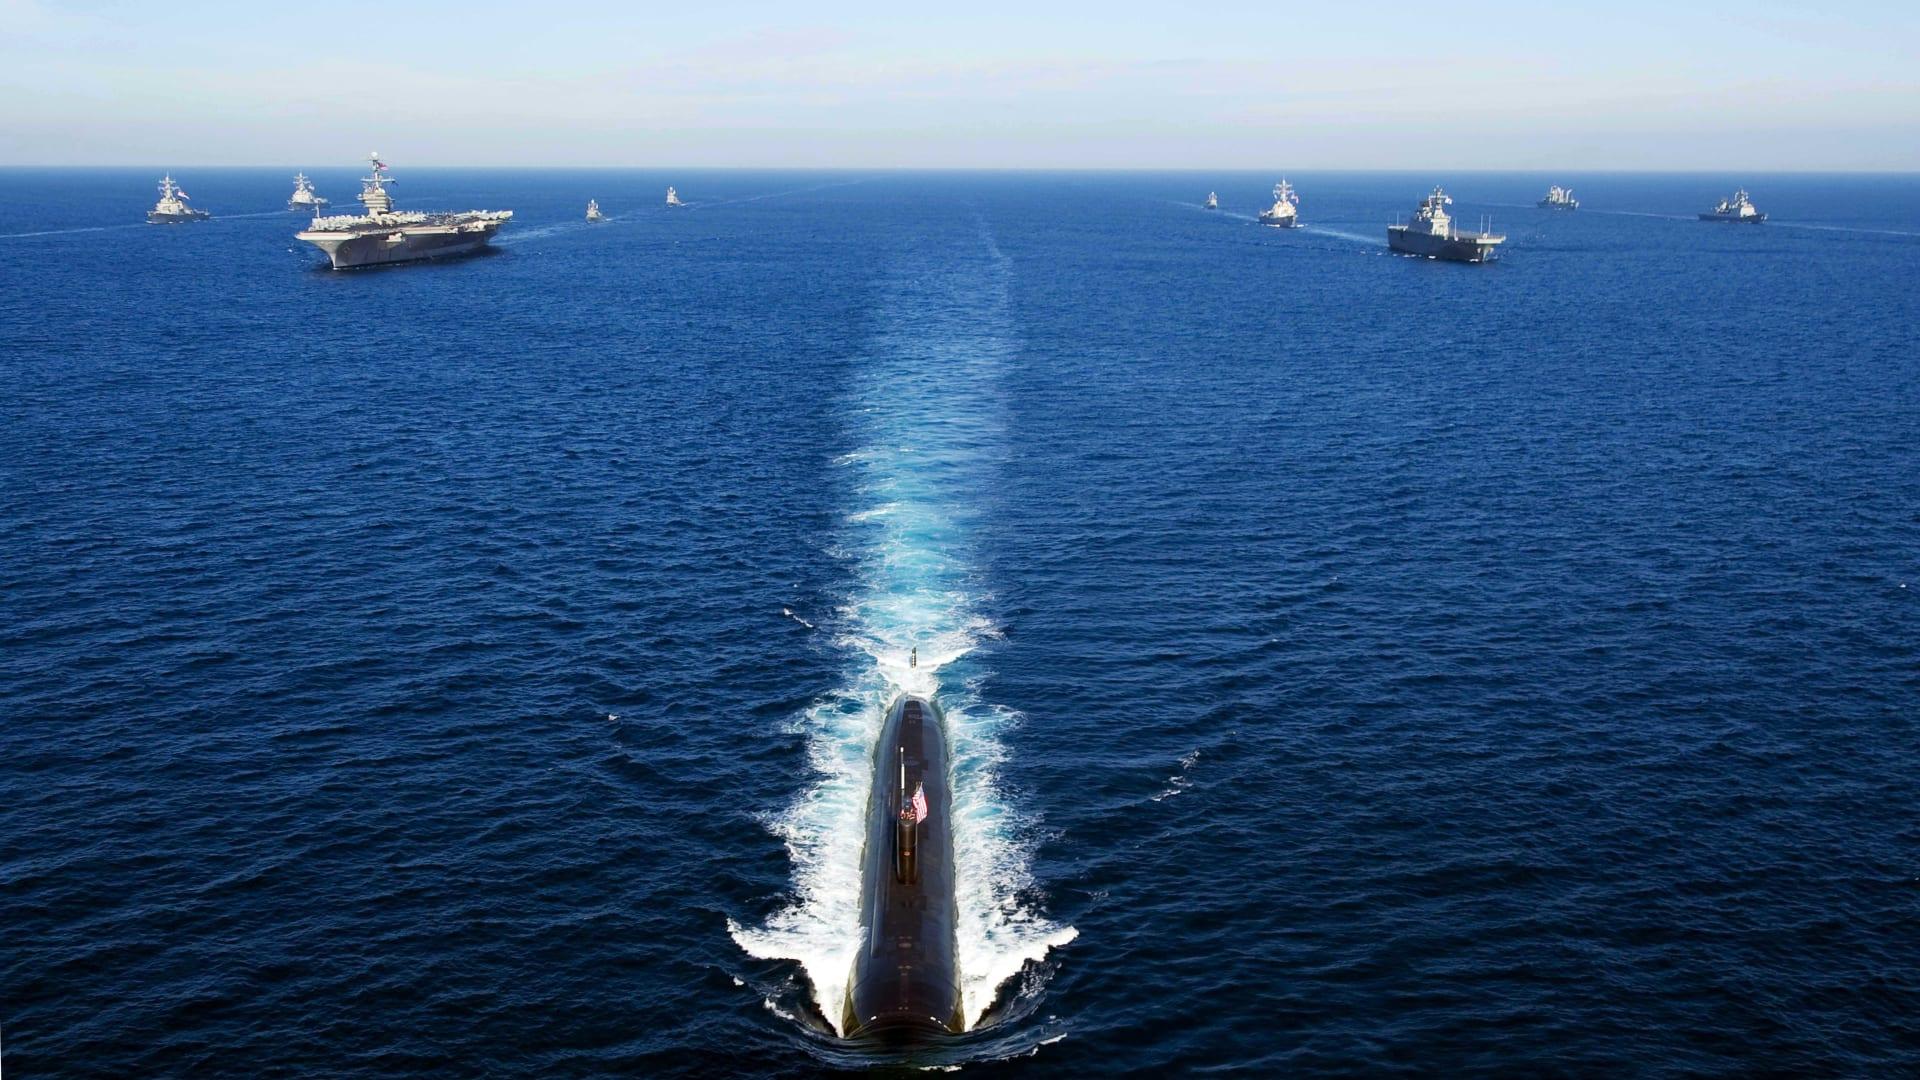 تقرير: قراصنة بحكومة الصين يسرقون خطط حرب للبحرية الأمريكية